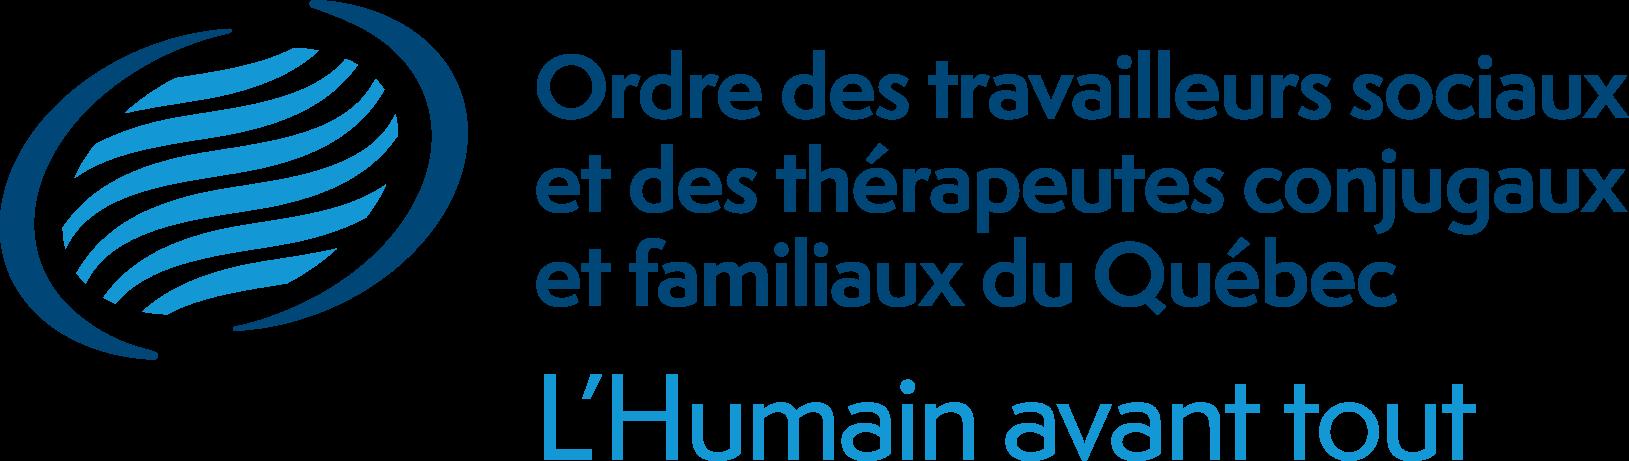 logo-otstcfq-karine-joly